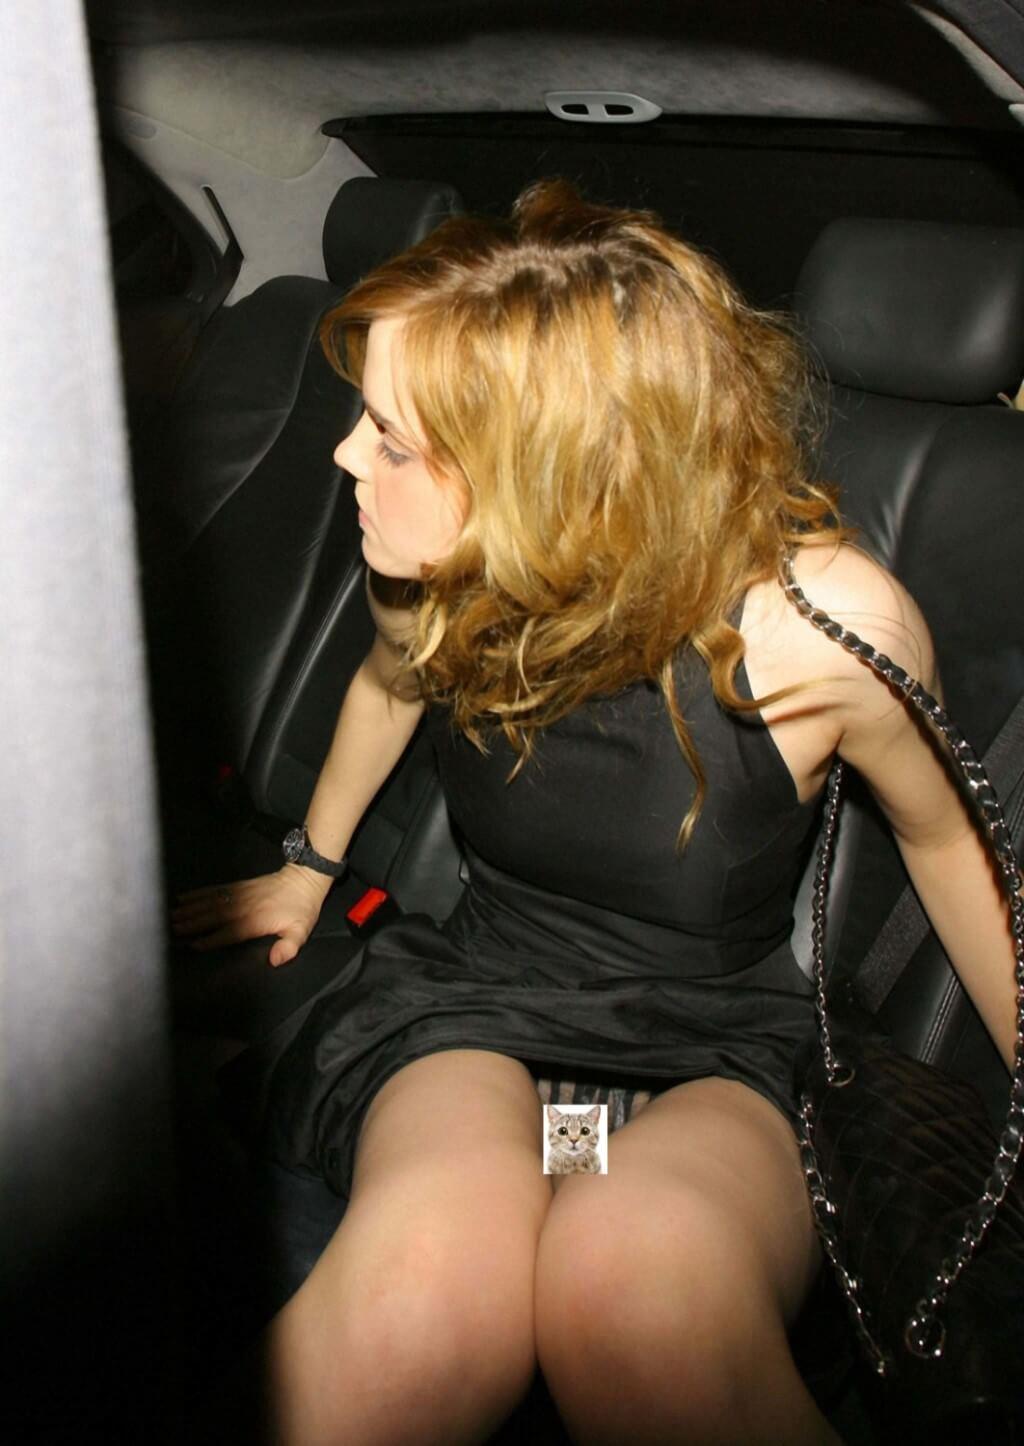 Emma Watson Pussy Upskirt